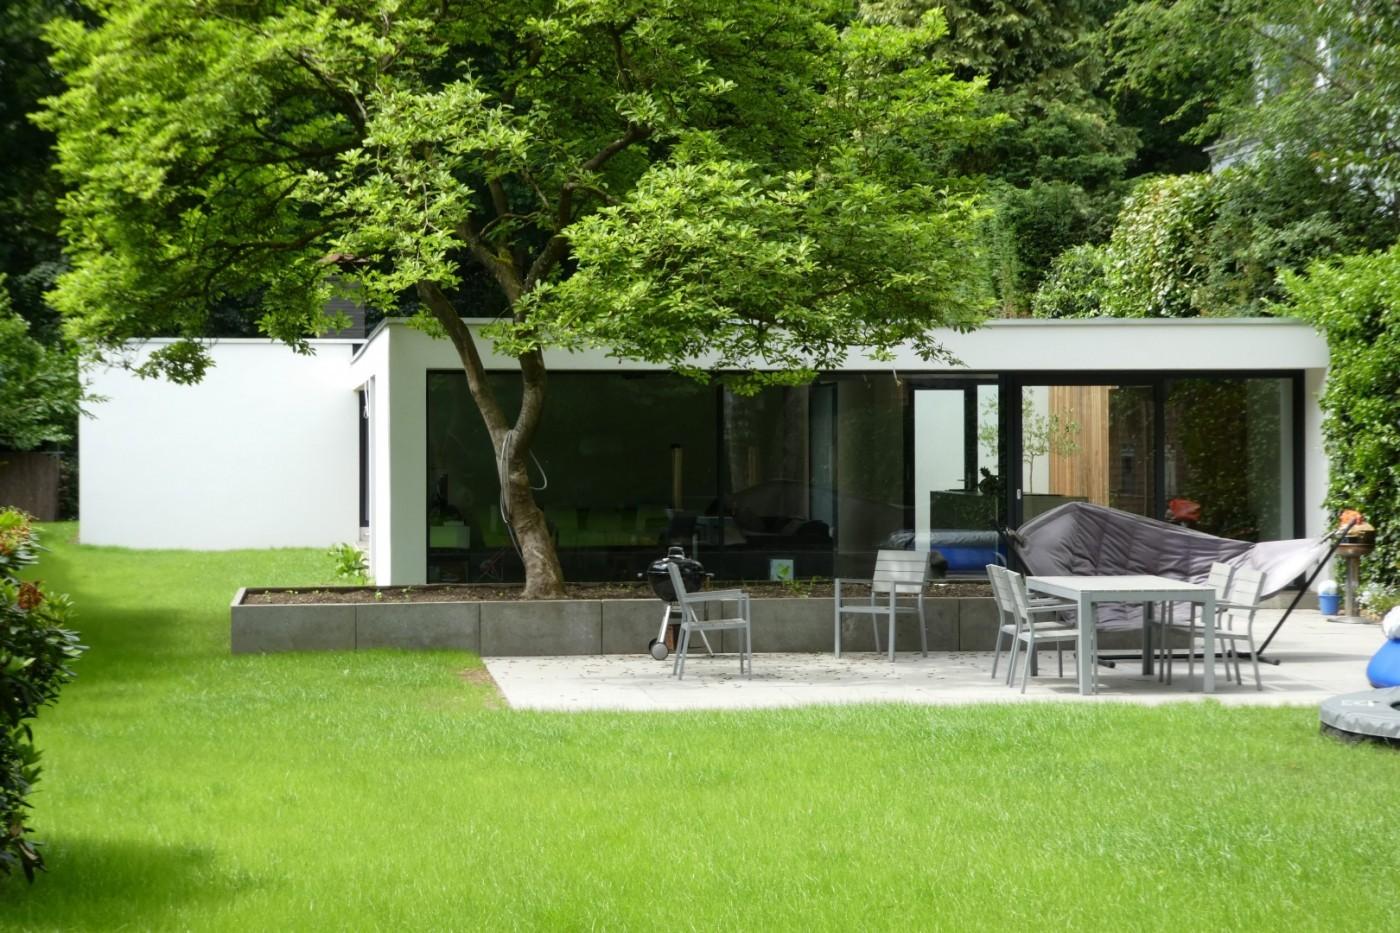 De opgeleverde woning in de groene, natuurlijke omgeving zorgt voor veel wooncomfort.